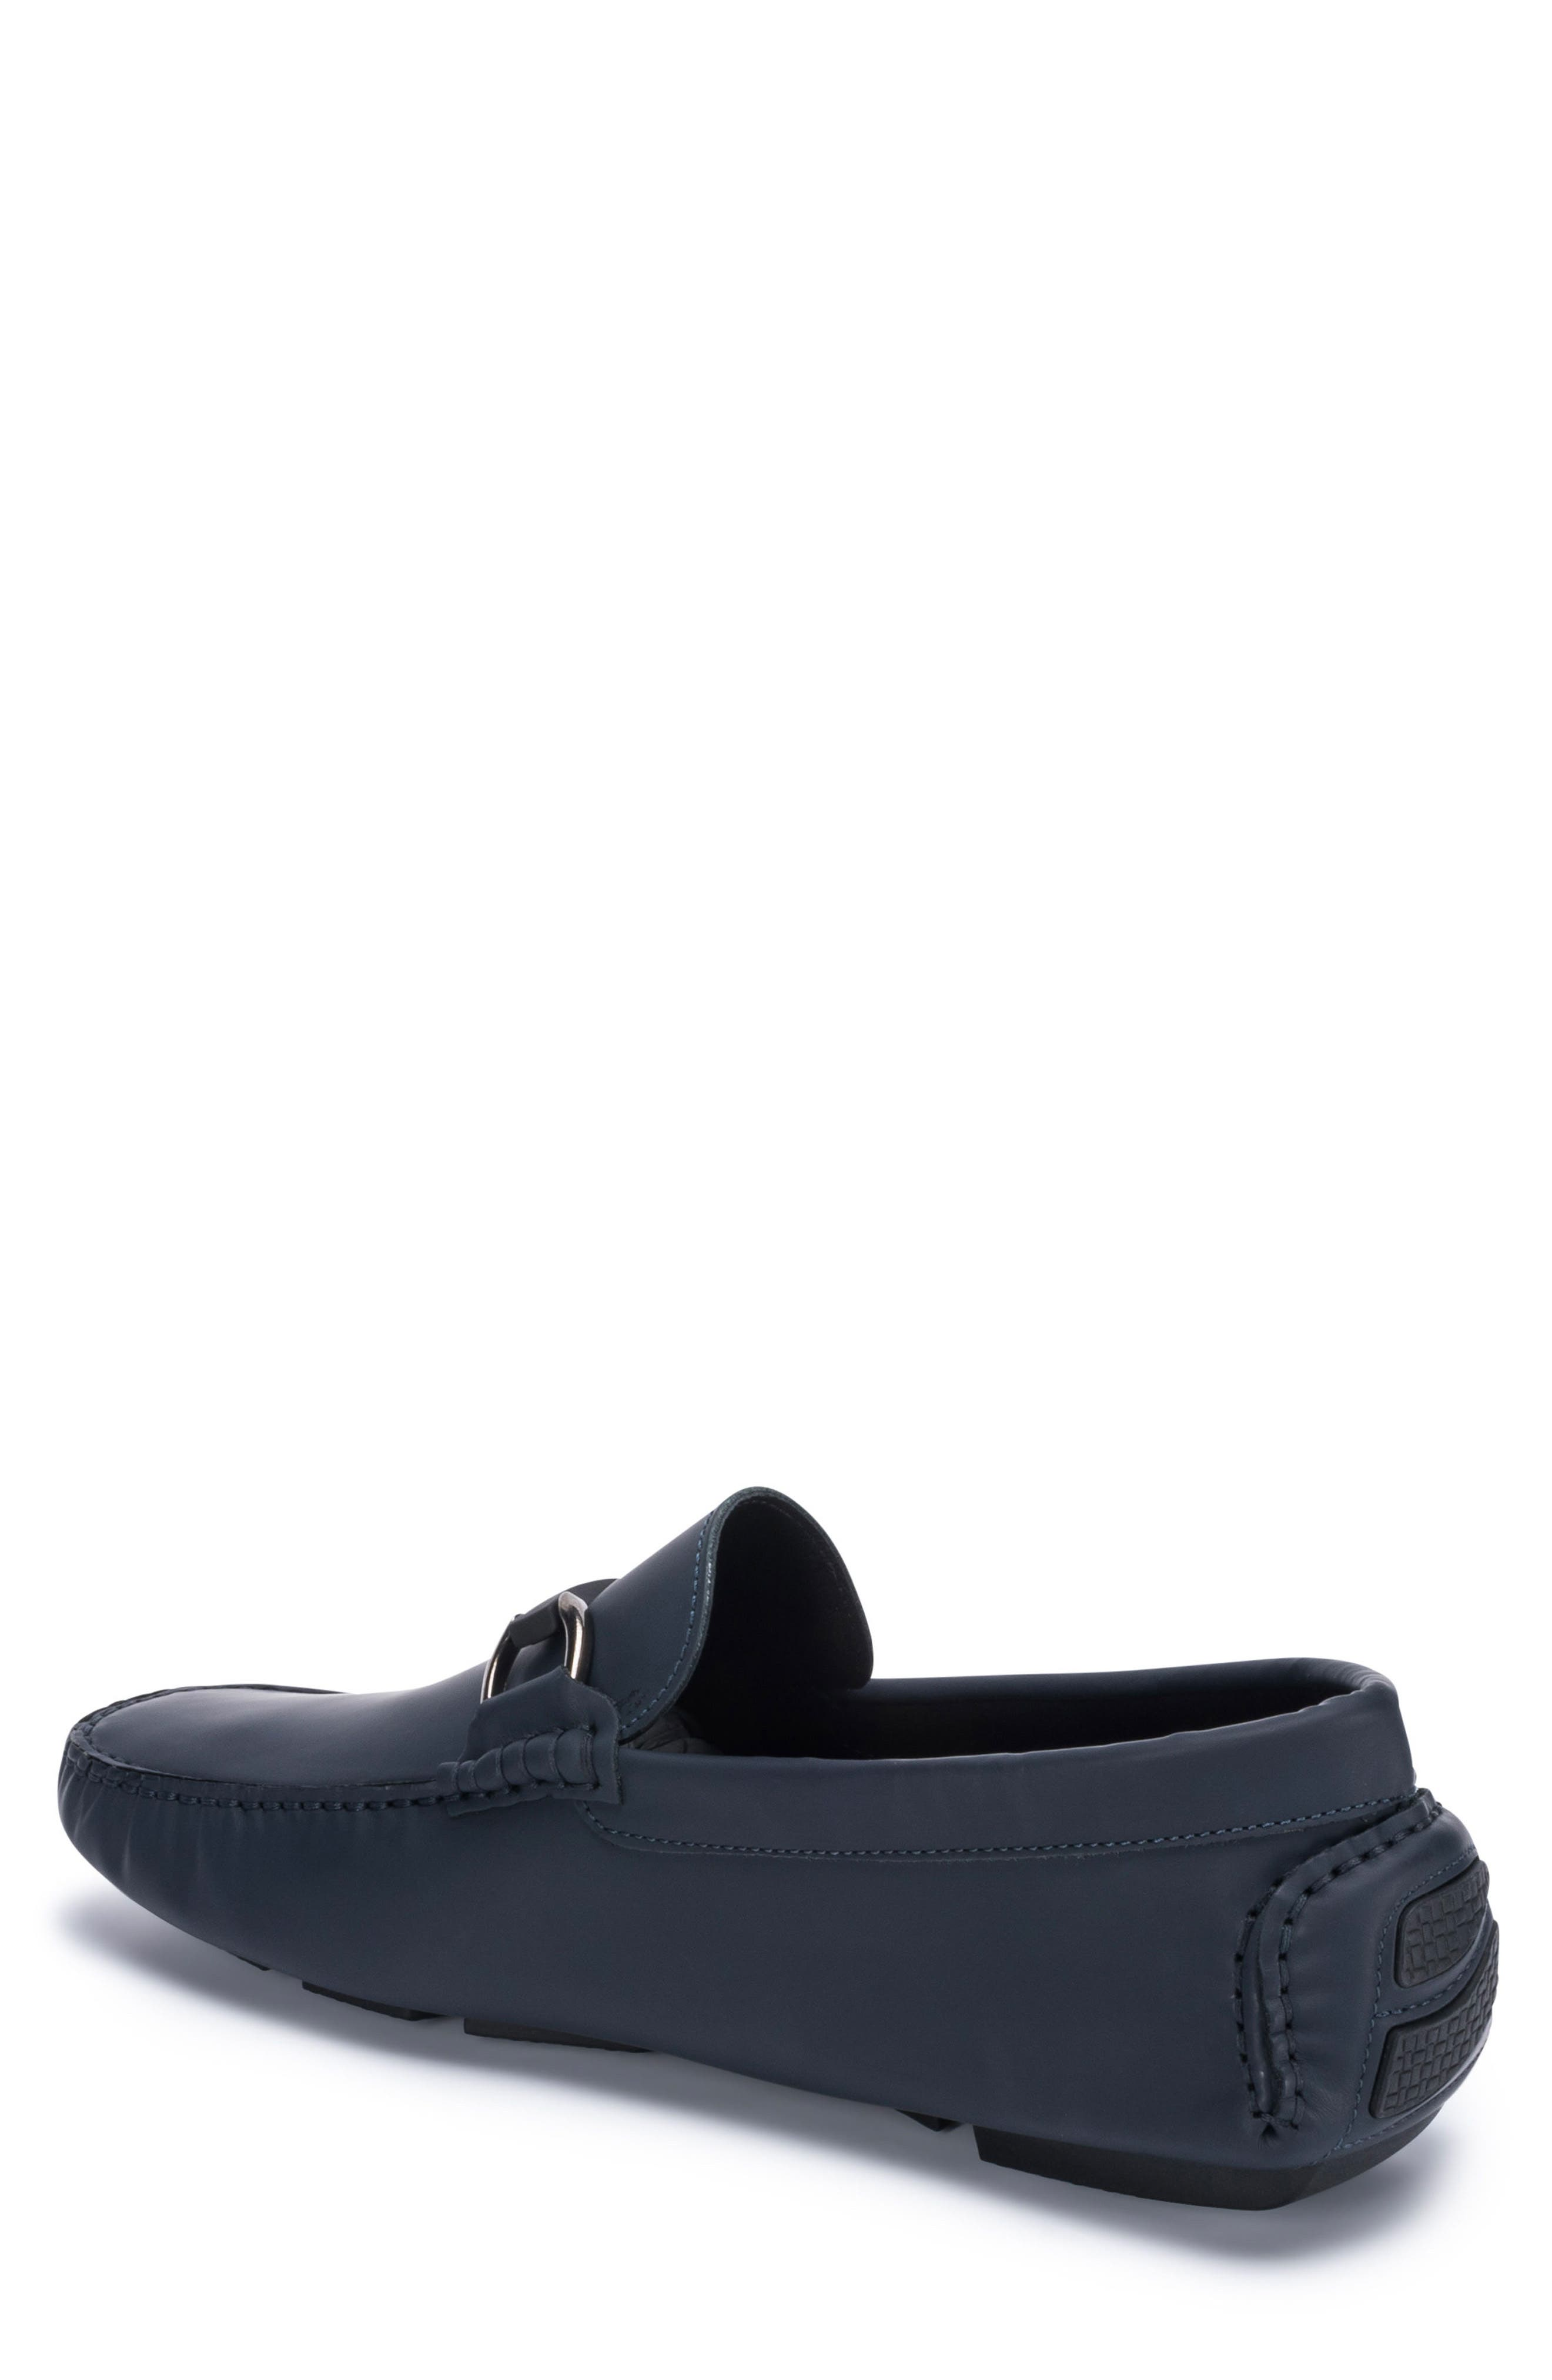 Alternate Image 2  - Bugatchi Sanremo Driving Shoe (Men)